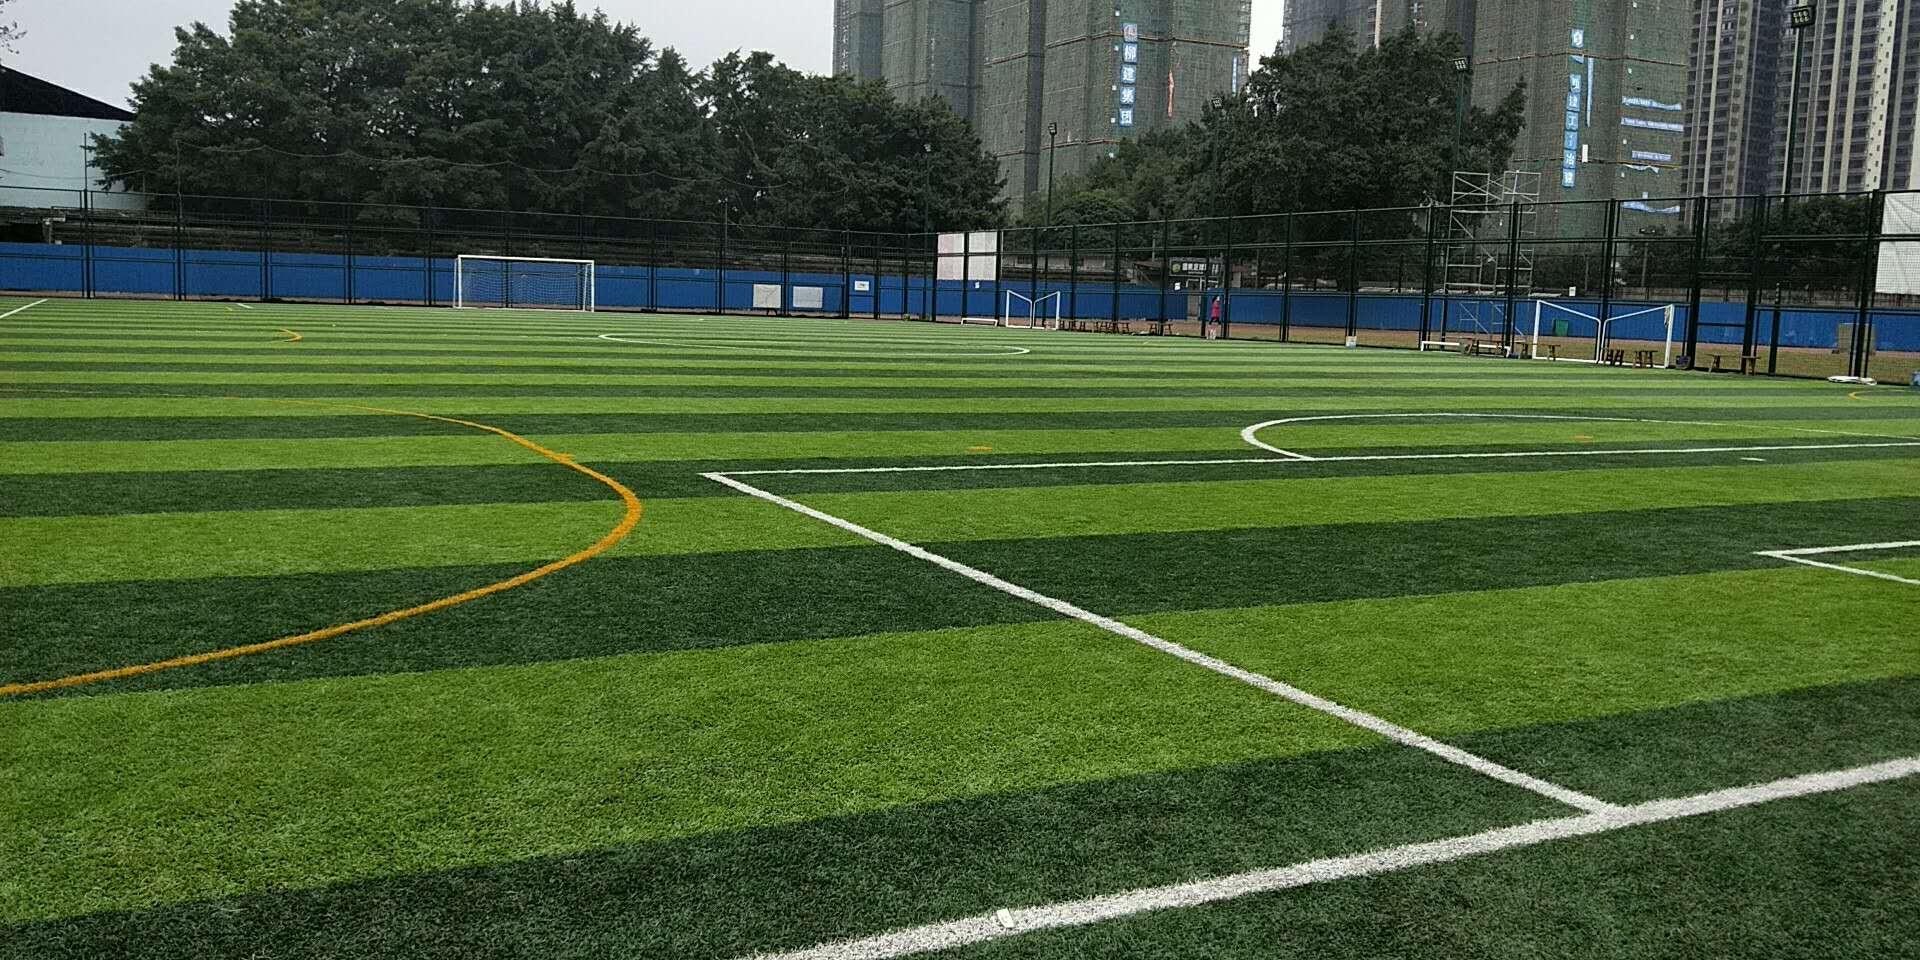 人工草坪价格-人造草批发-幼儿园人造草-名扬体育